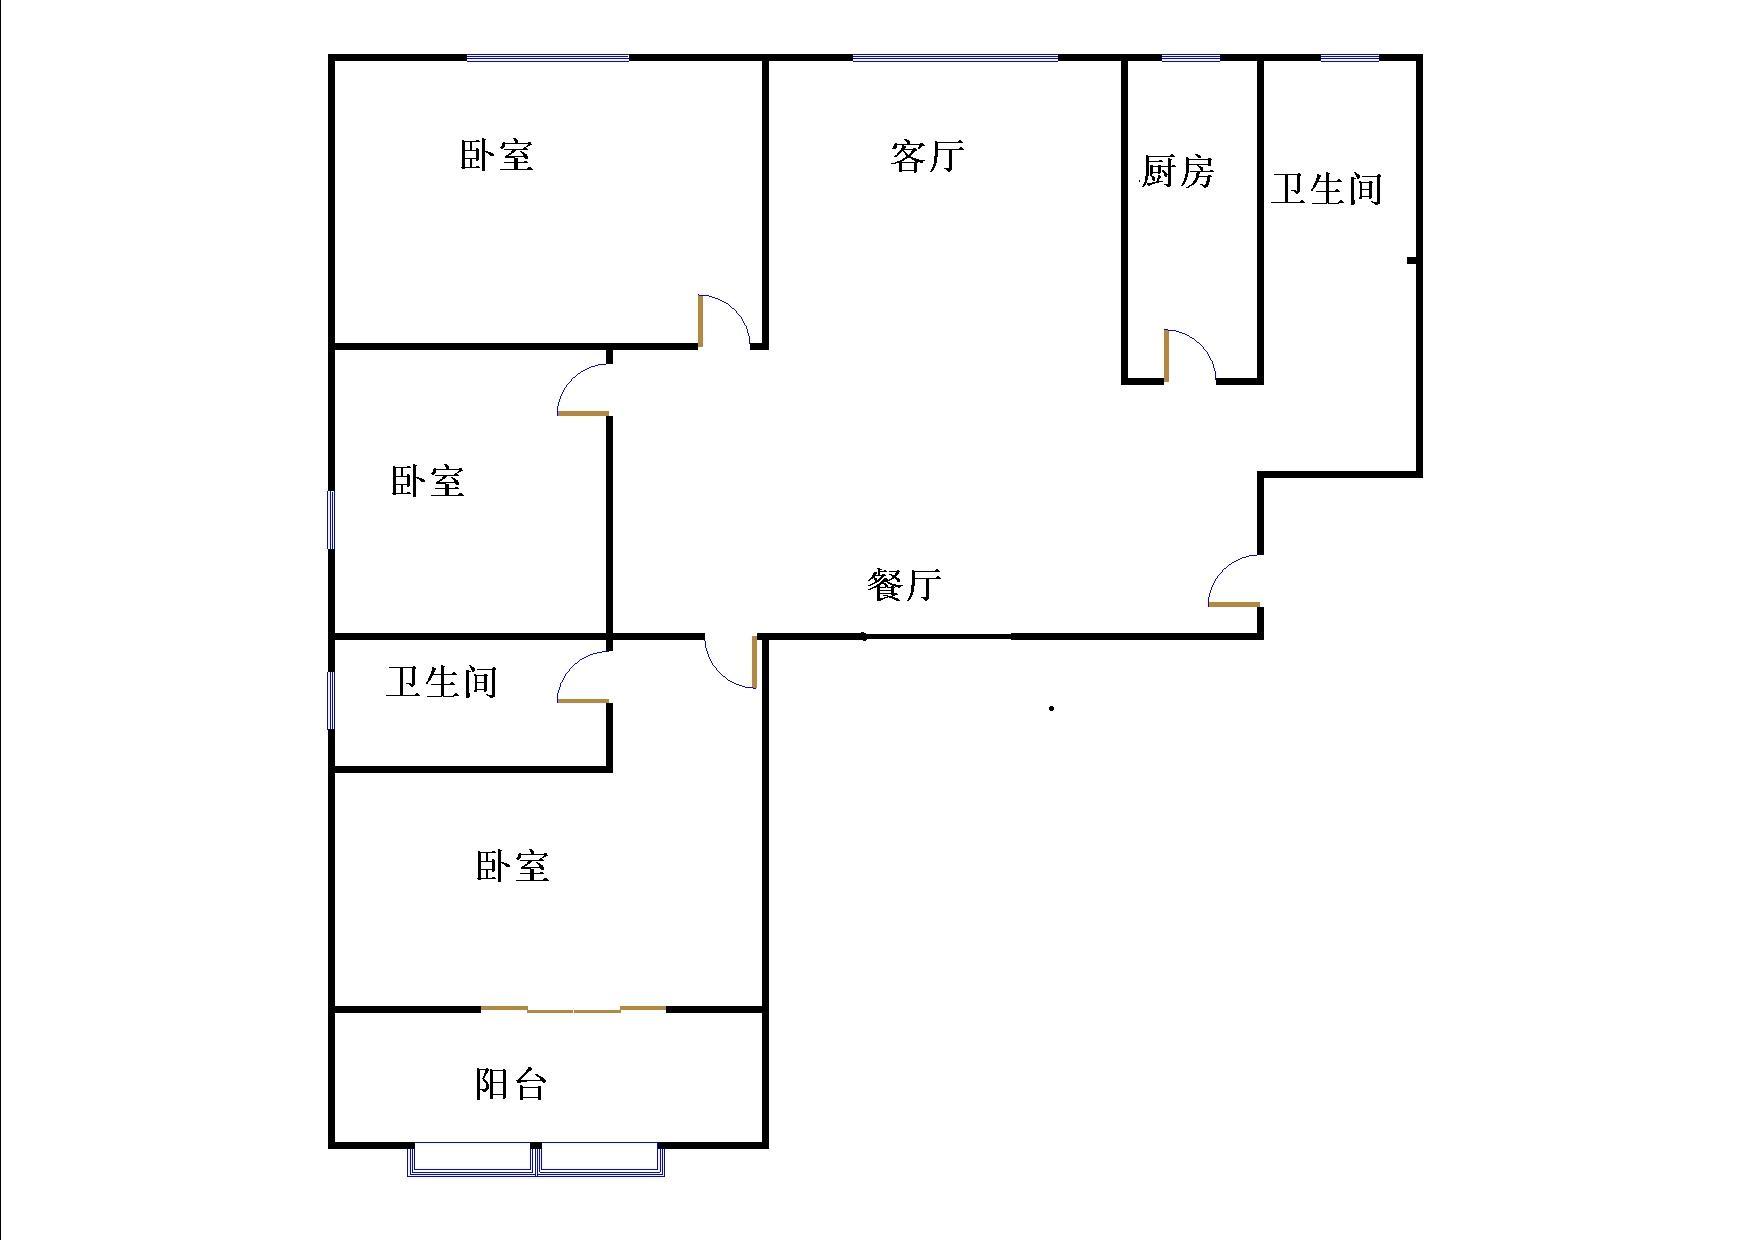 嘉城盛世 3室2厅 9楼